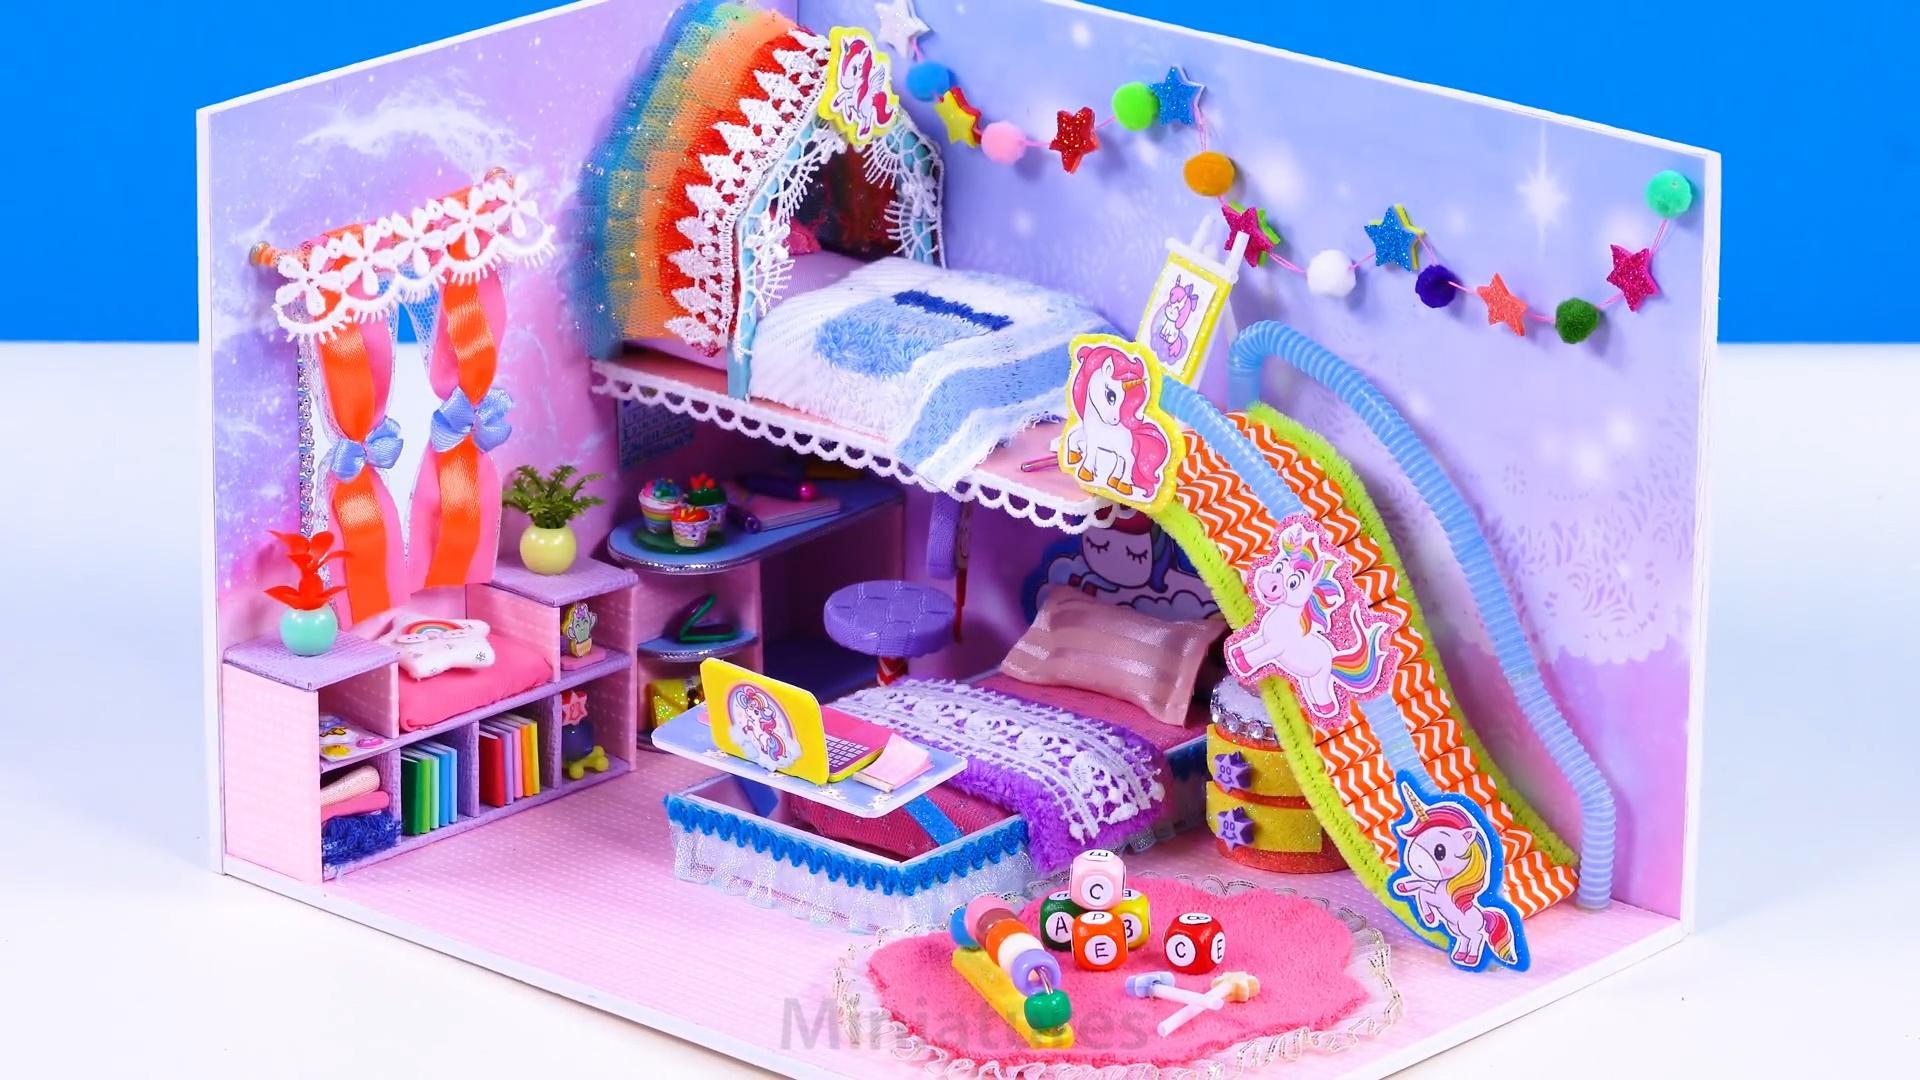 DIY迷你娃娃屋,卡通独角兽的儿童房间